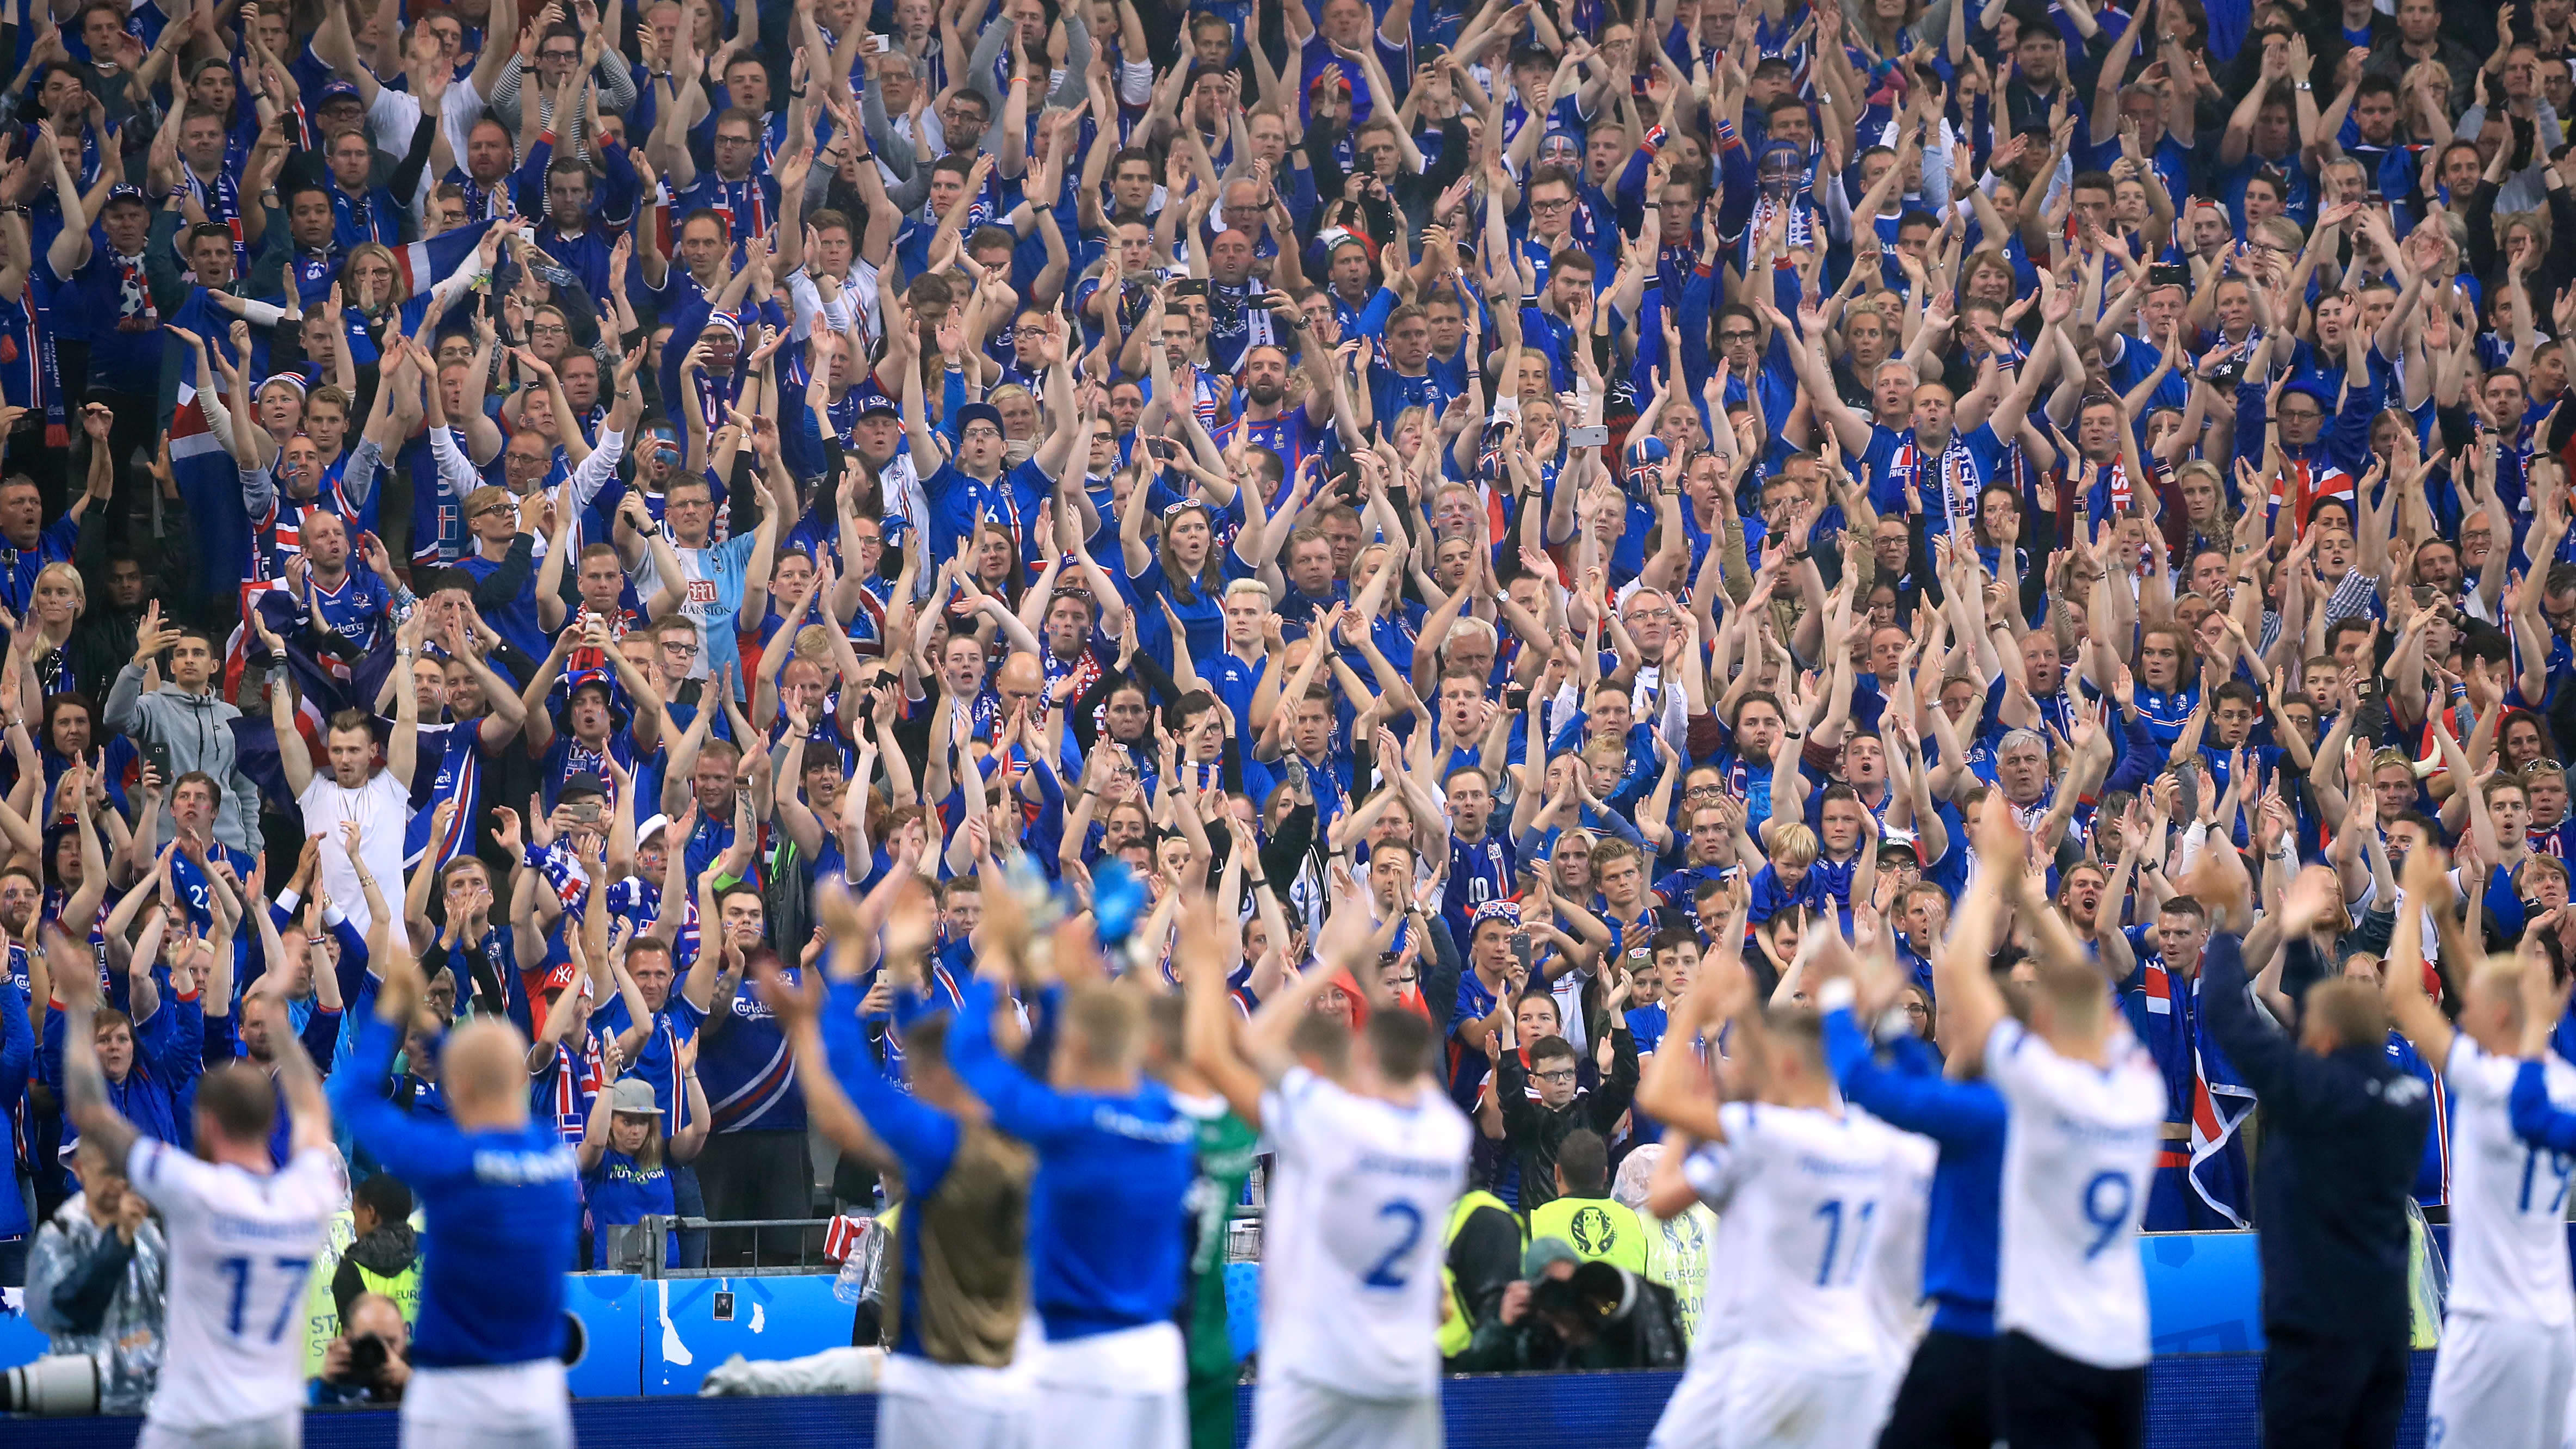 Islannin pelaajat kiittävät kannattajiaan vuoden 2016 EM-kisoissa.